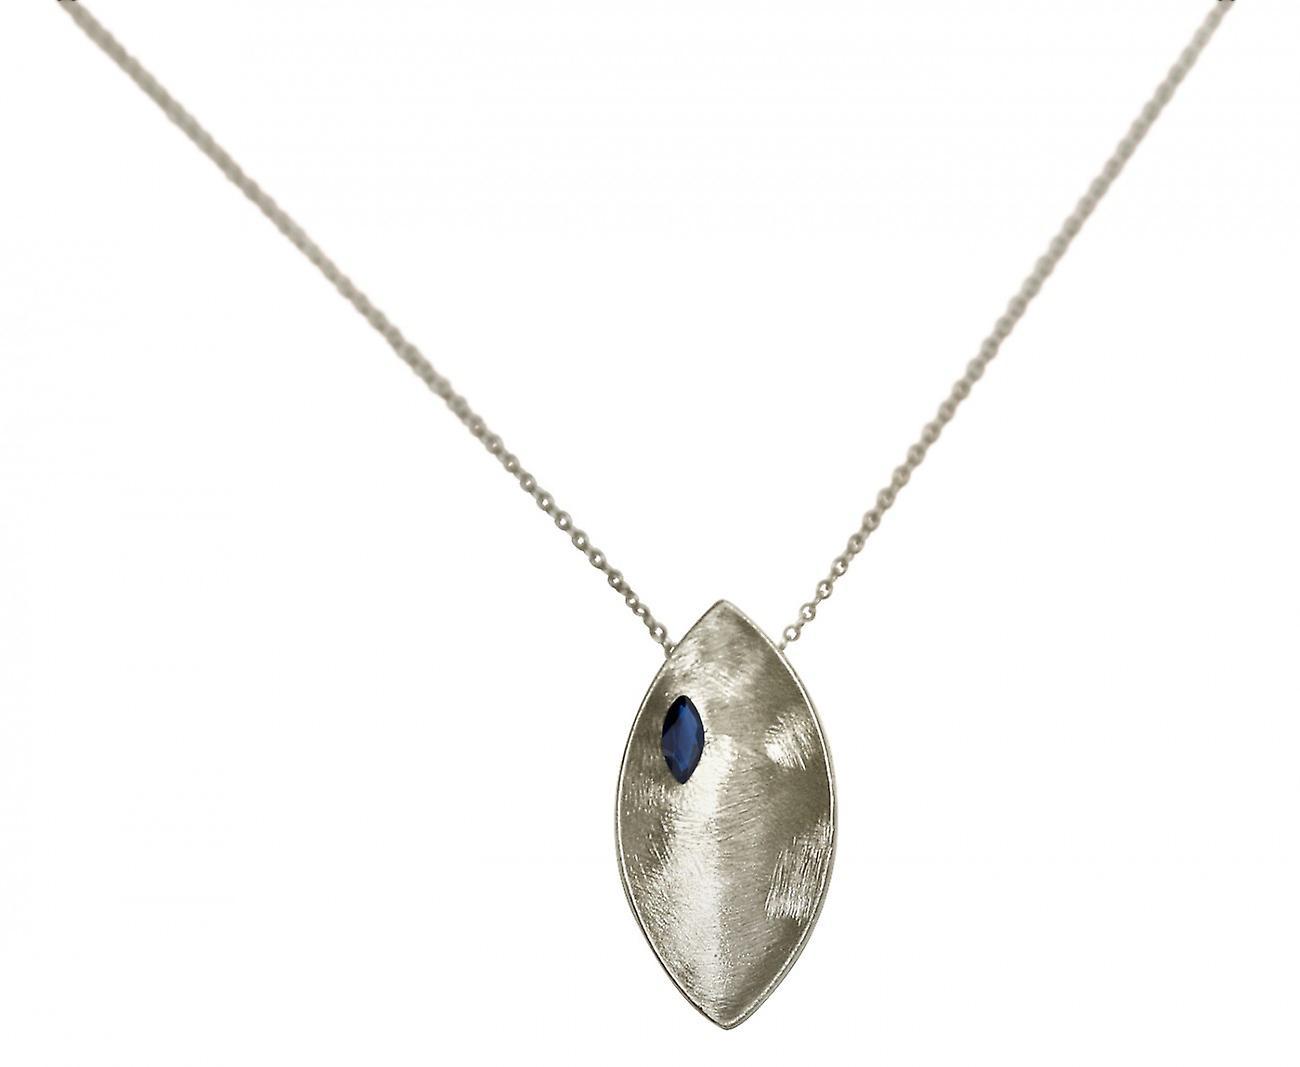 Gemshine - femmes - Halskette - Anhänger - 925 argent - Marquise - Minimalistisch - Design - Iolith - bleu - 45 cm